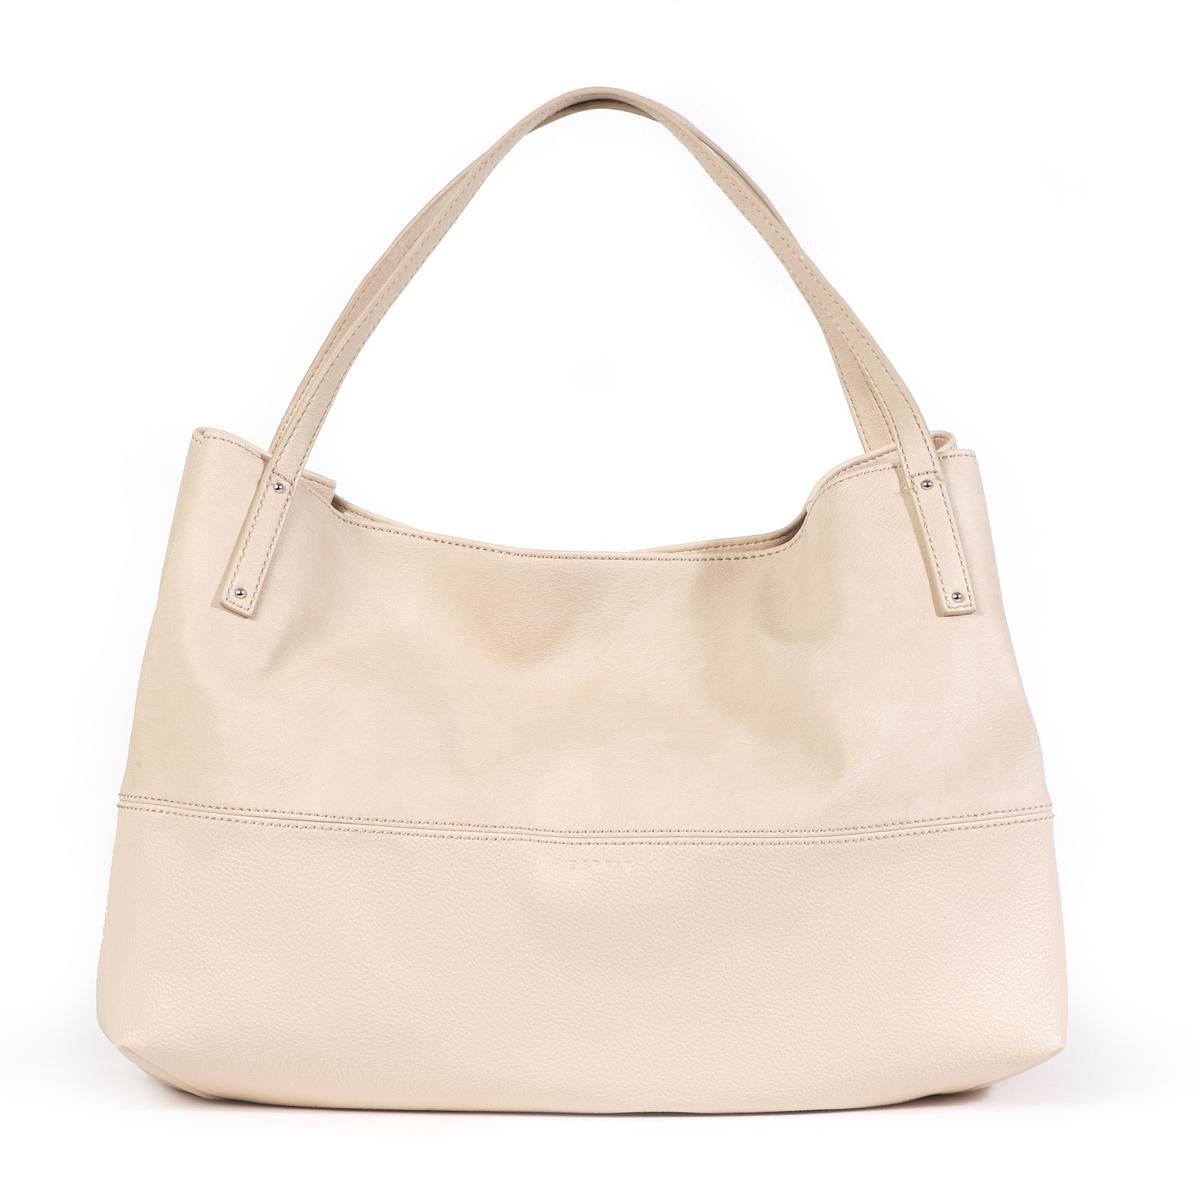 Сумка через плечо TracyОписание:Изящную сумку Esprit можно носить как в руках, так и на плече !Состав и описание : •  Материал : верх из полиуретана                        Подкладка из полиэстера. •  Марка : Esprit •  Модель : Tracy •  Размер : 28 x 40 x 18 см •  Застежка : на клипсу1 внутренний карман Можно носить через плечо<br><br>Цвет: бежевый,черный<br>Размер: единый размер.единый размер